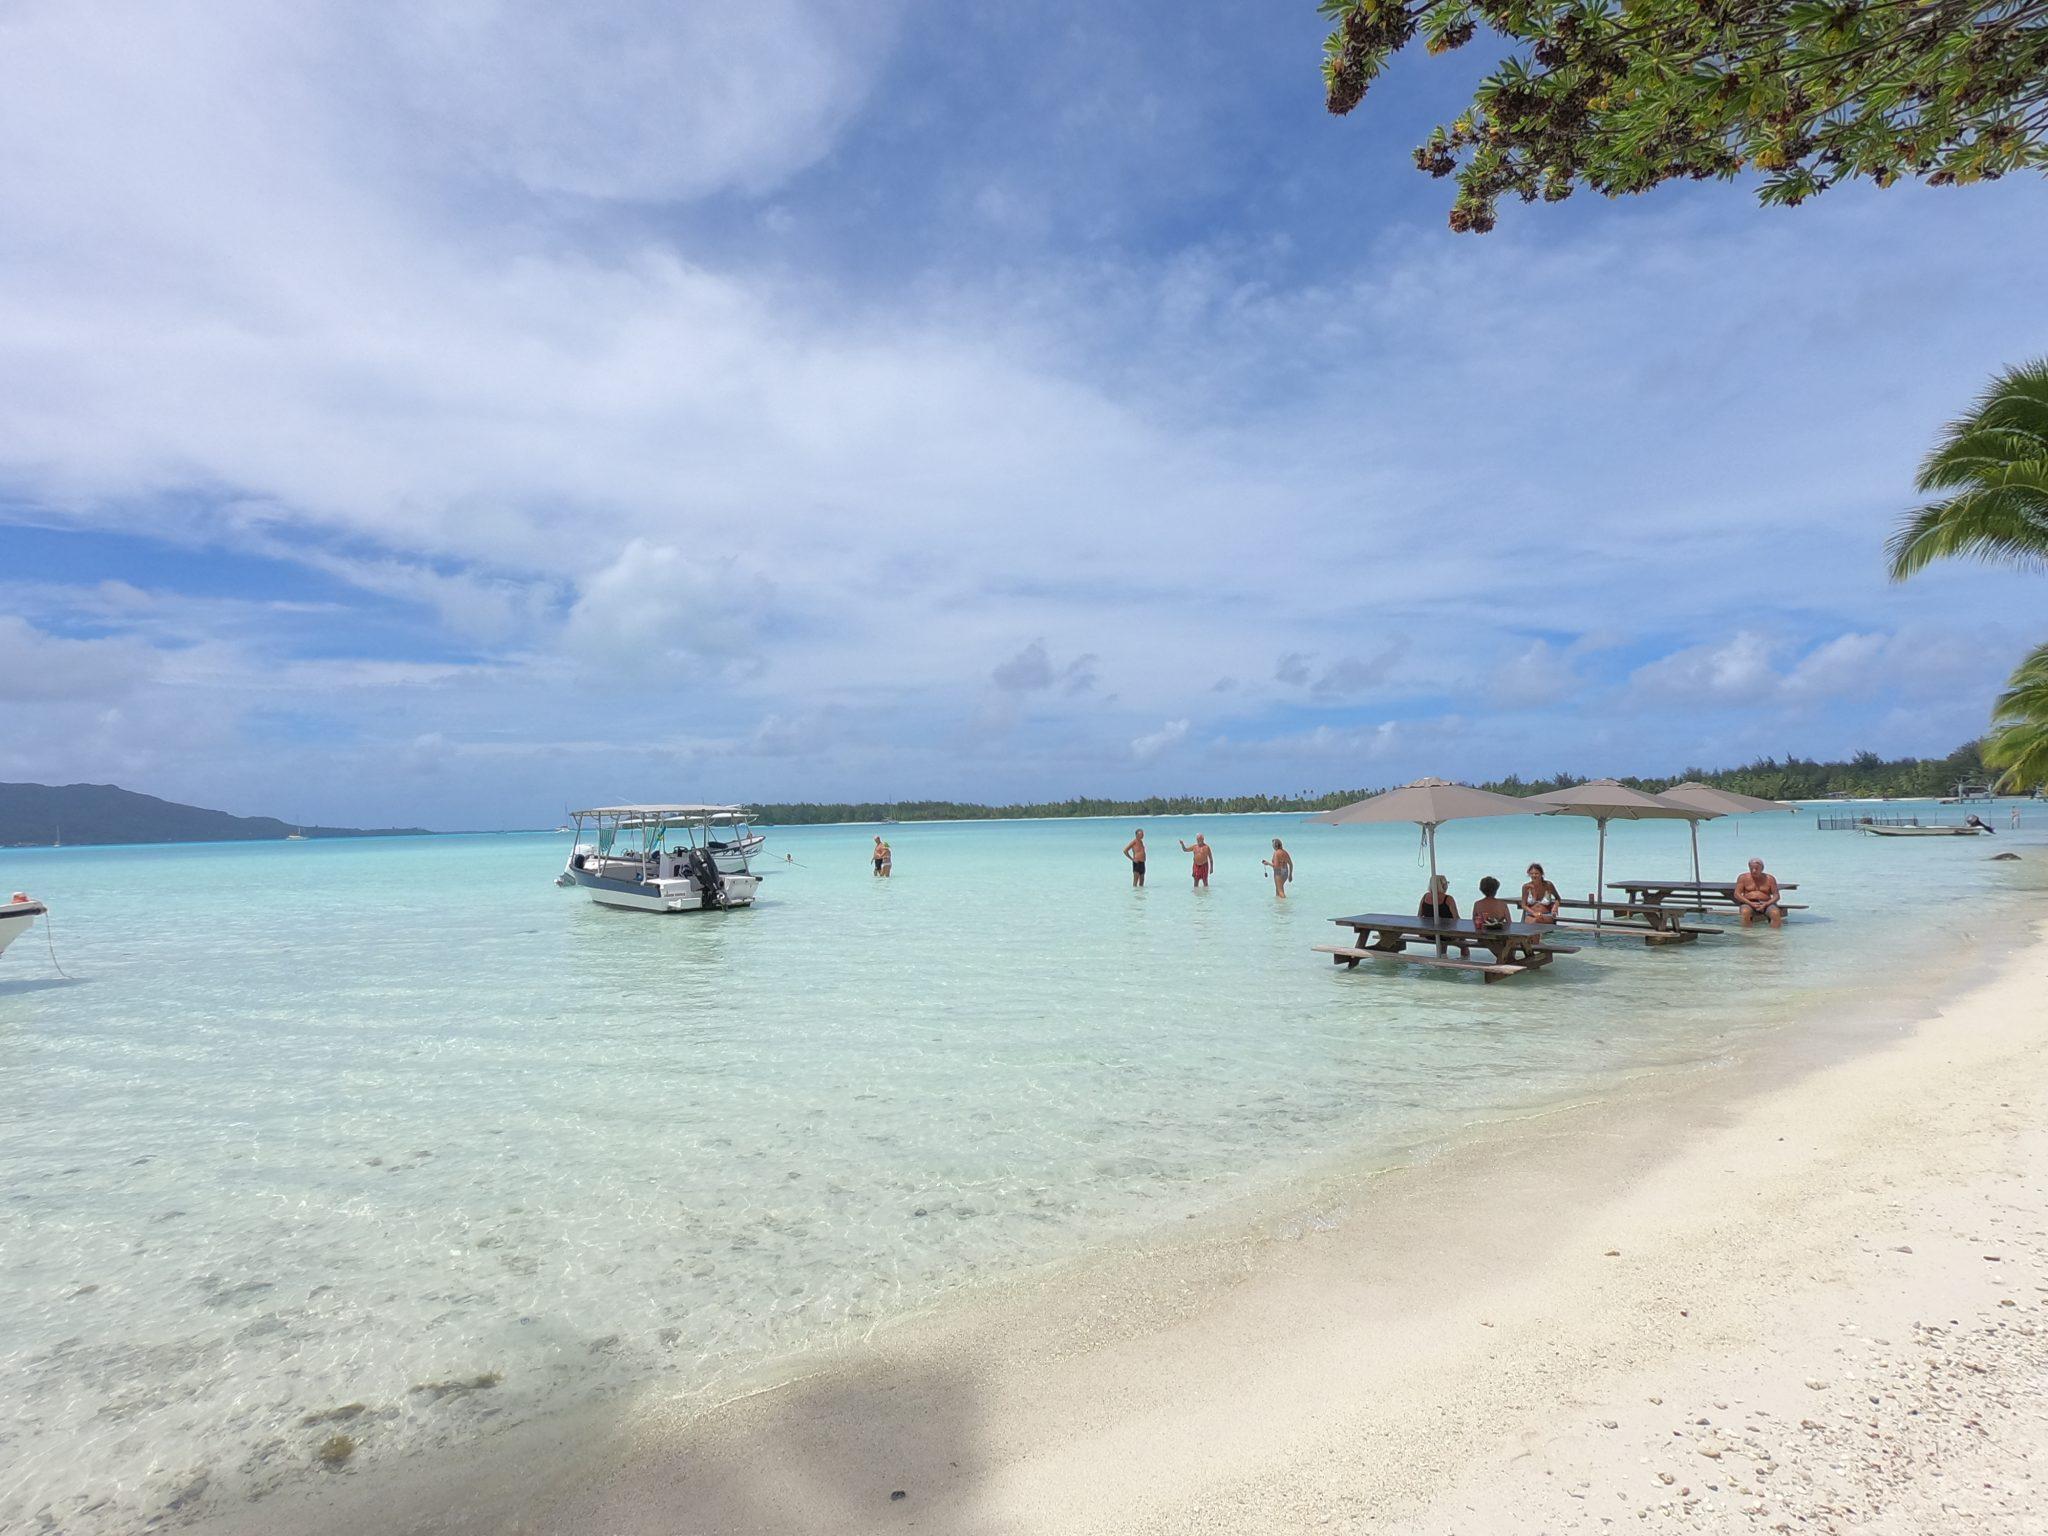 Lunch vid stranden på Bora Bora